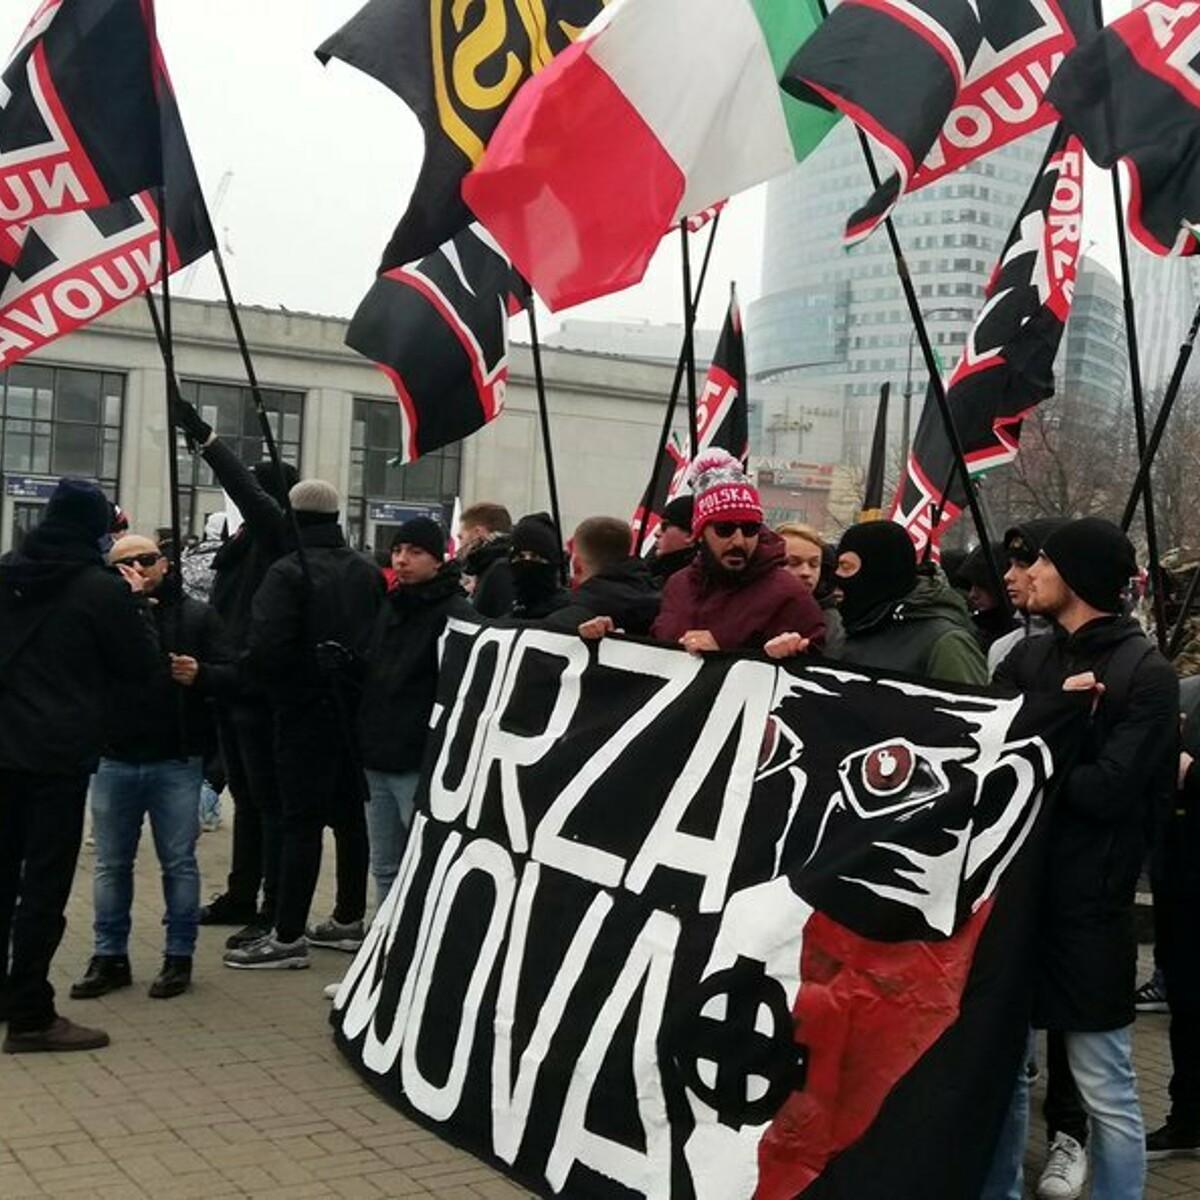 Varsavia vuole fermare la marcia nazionalista che piace a Forza Nuova